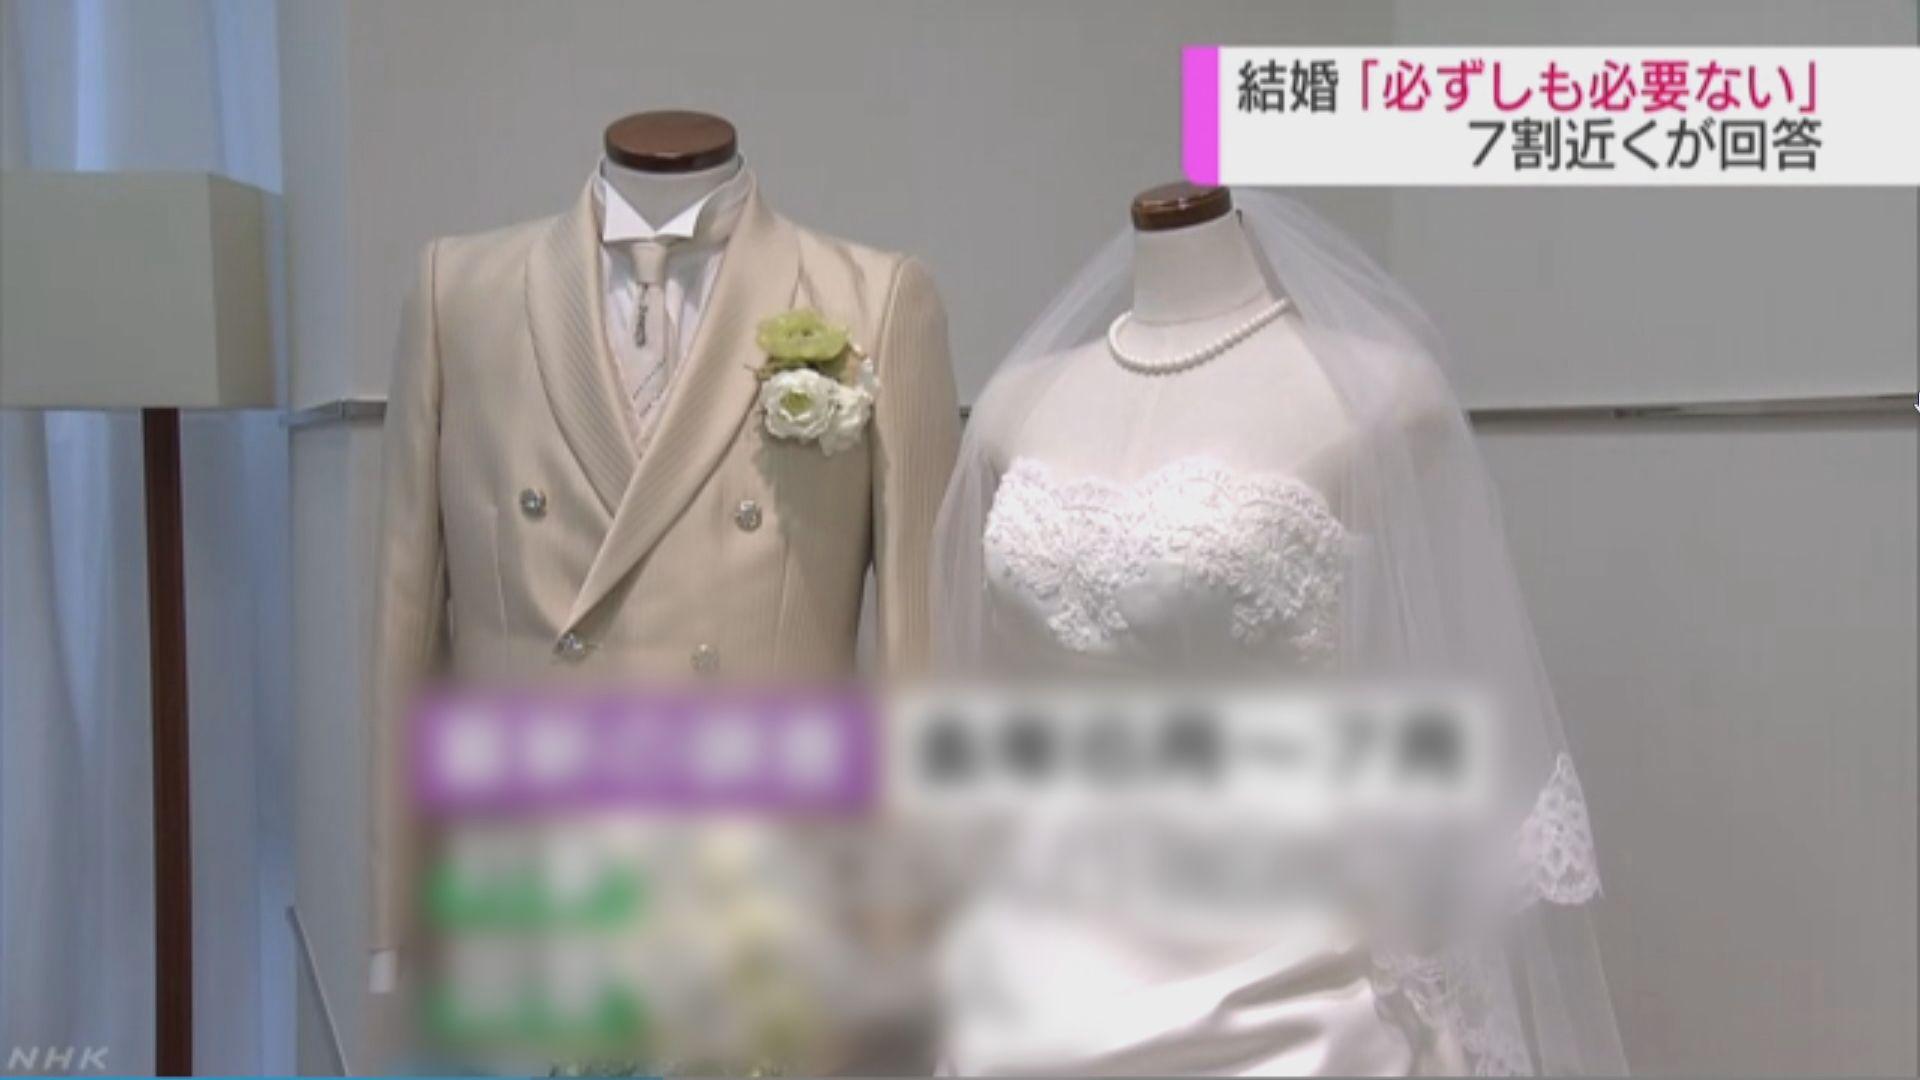 【環球薈報】日本調查指近七成受訪者認為婚姻不是必要